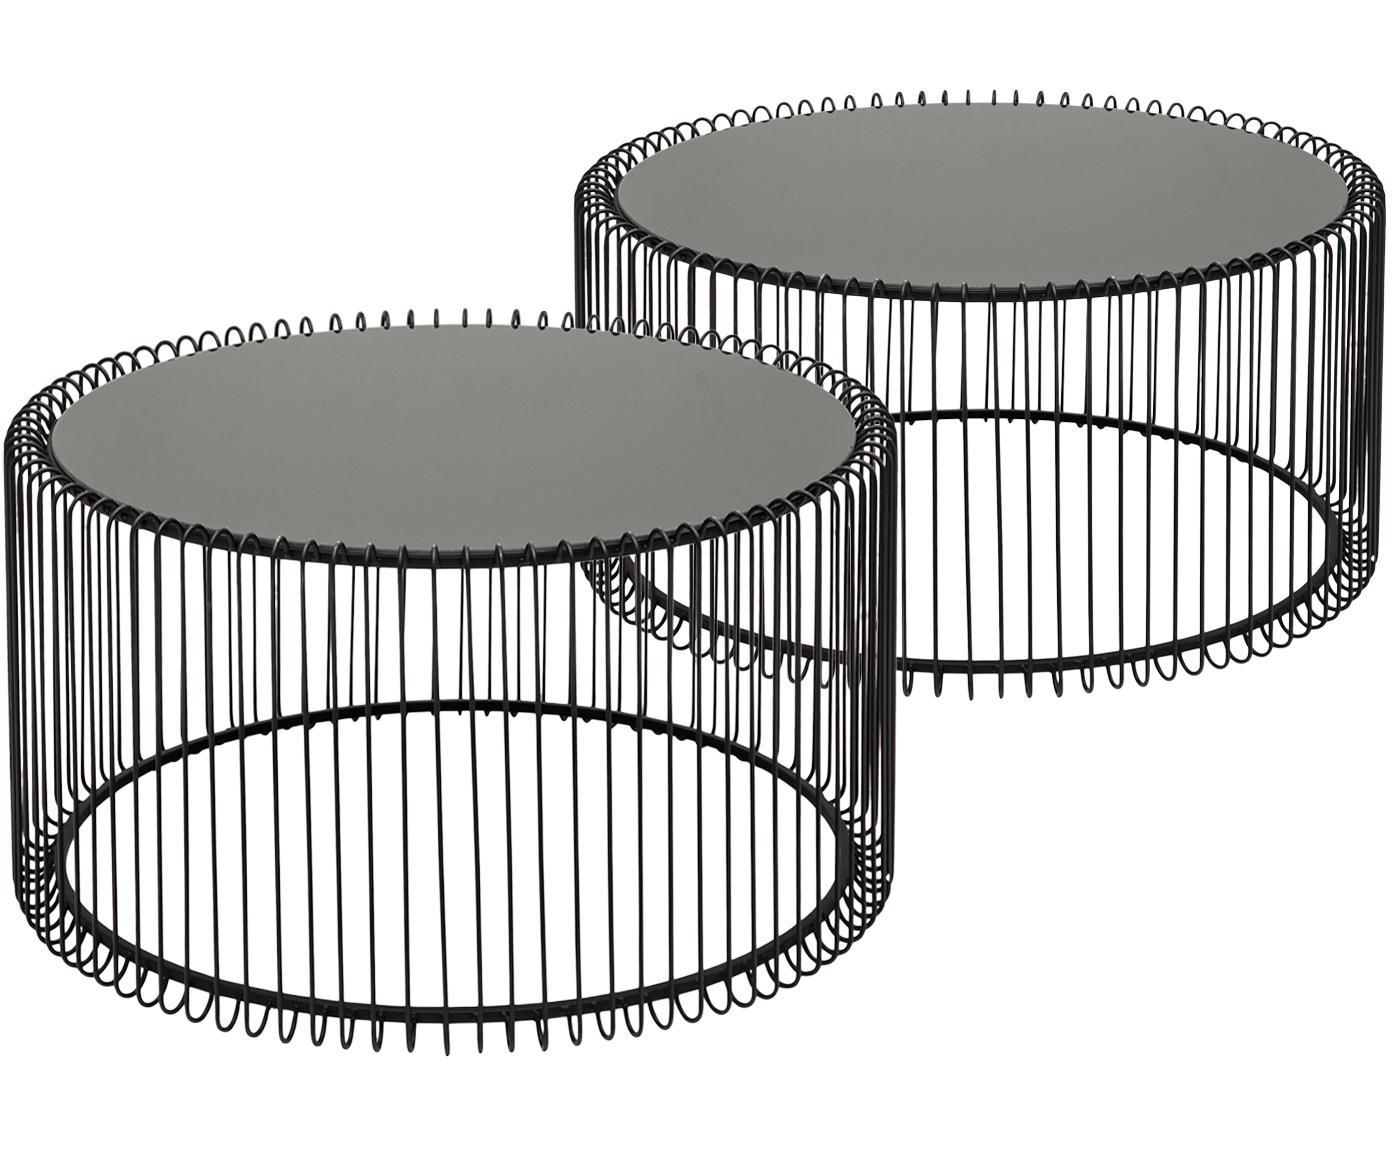 Metalen salontafel 2-delig Wire met glazen tafelblad, Frame: gepoedercoat staal, Tafelblad: veiligheidsglas, Zwart, Verschillende formaten